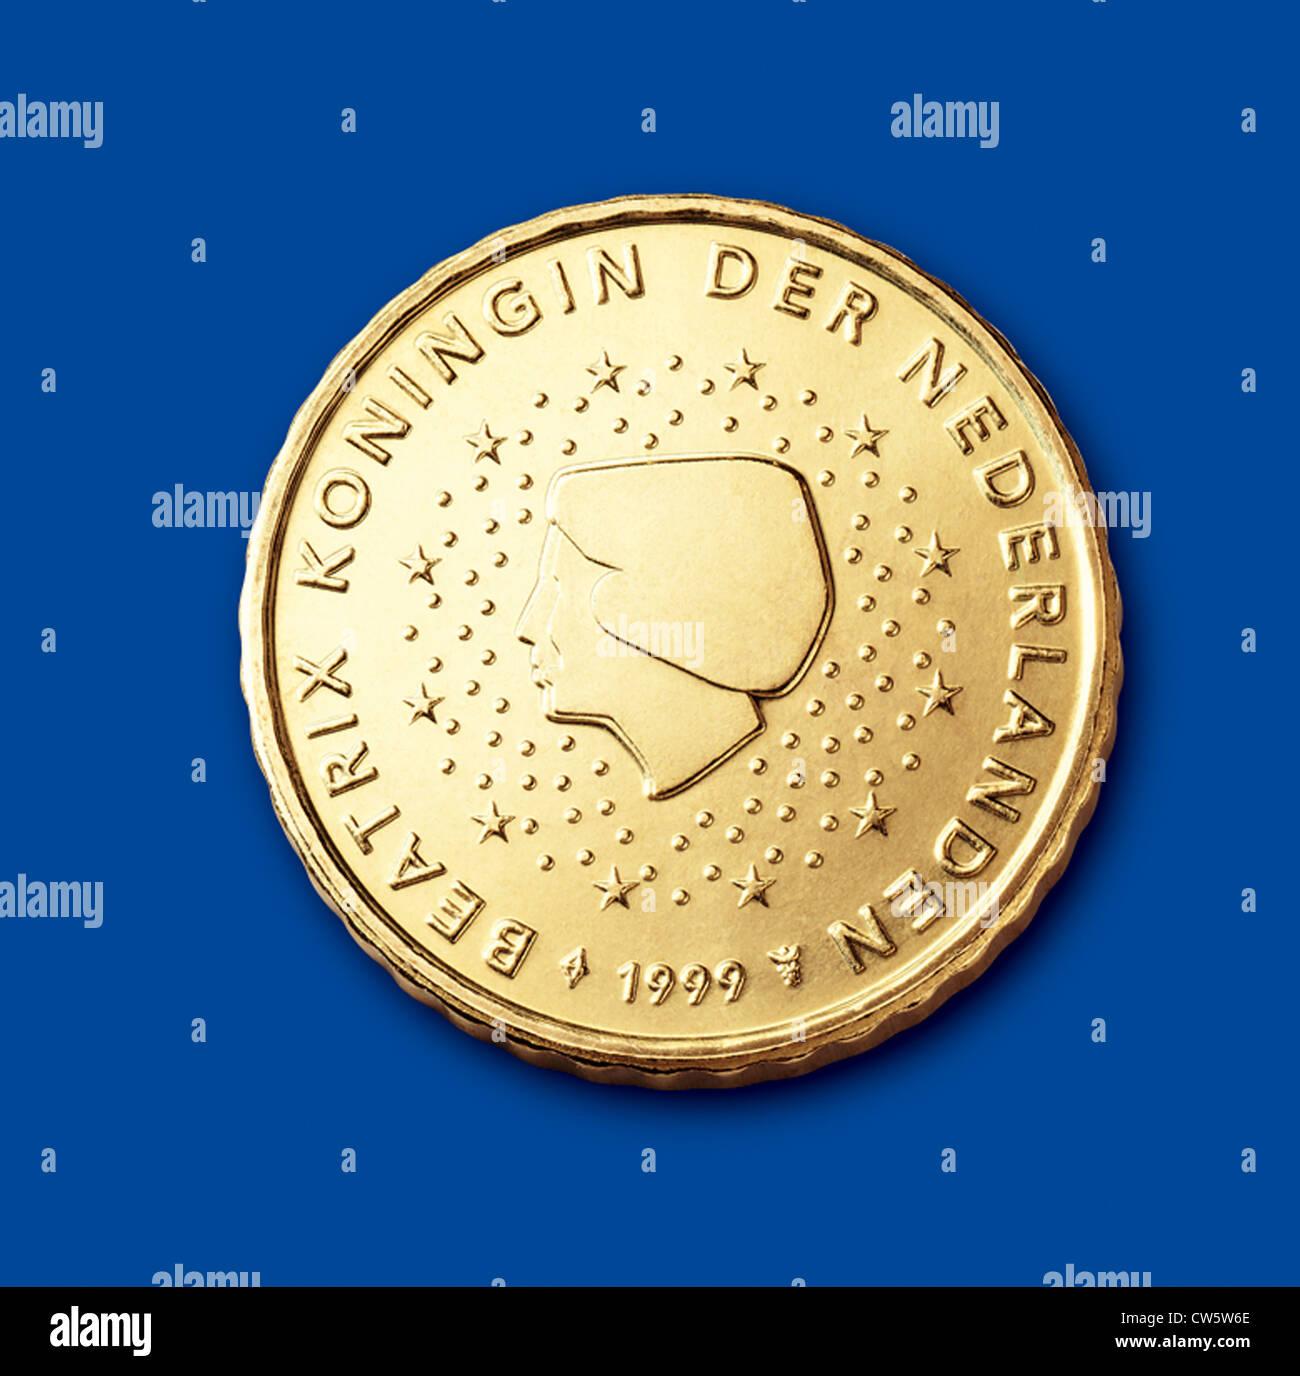 Münzen Von 10 Cent Niederlande Stockfoto Bild 49916678 Alamy